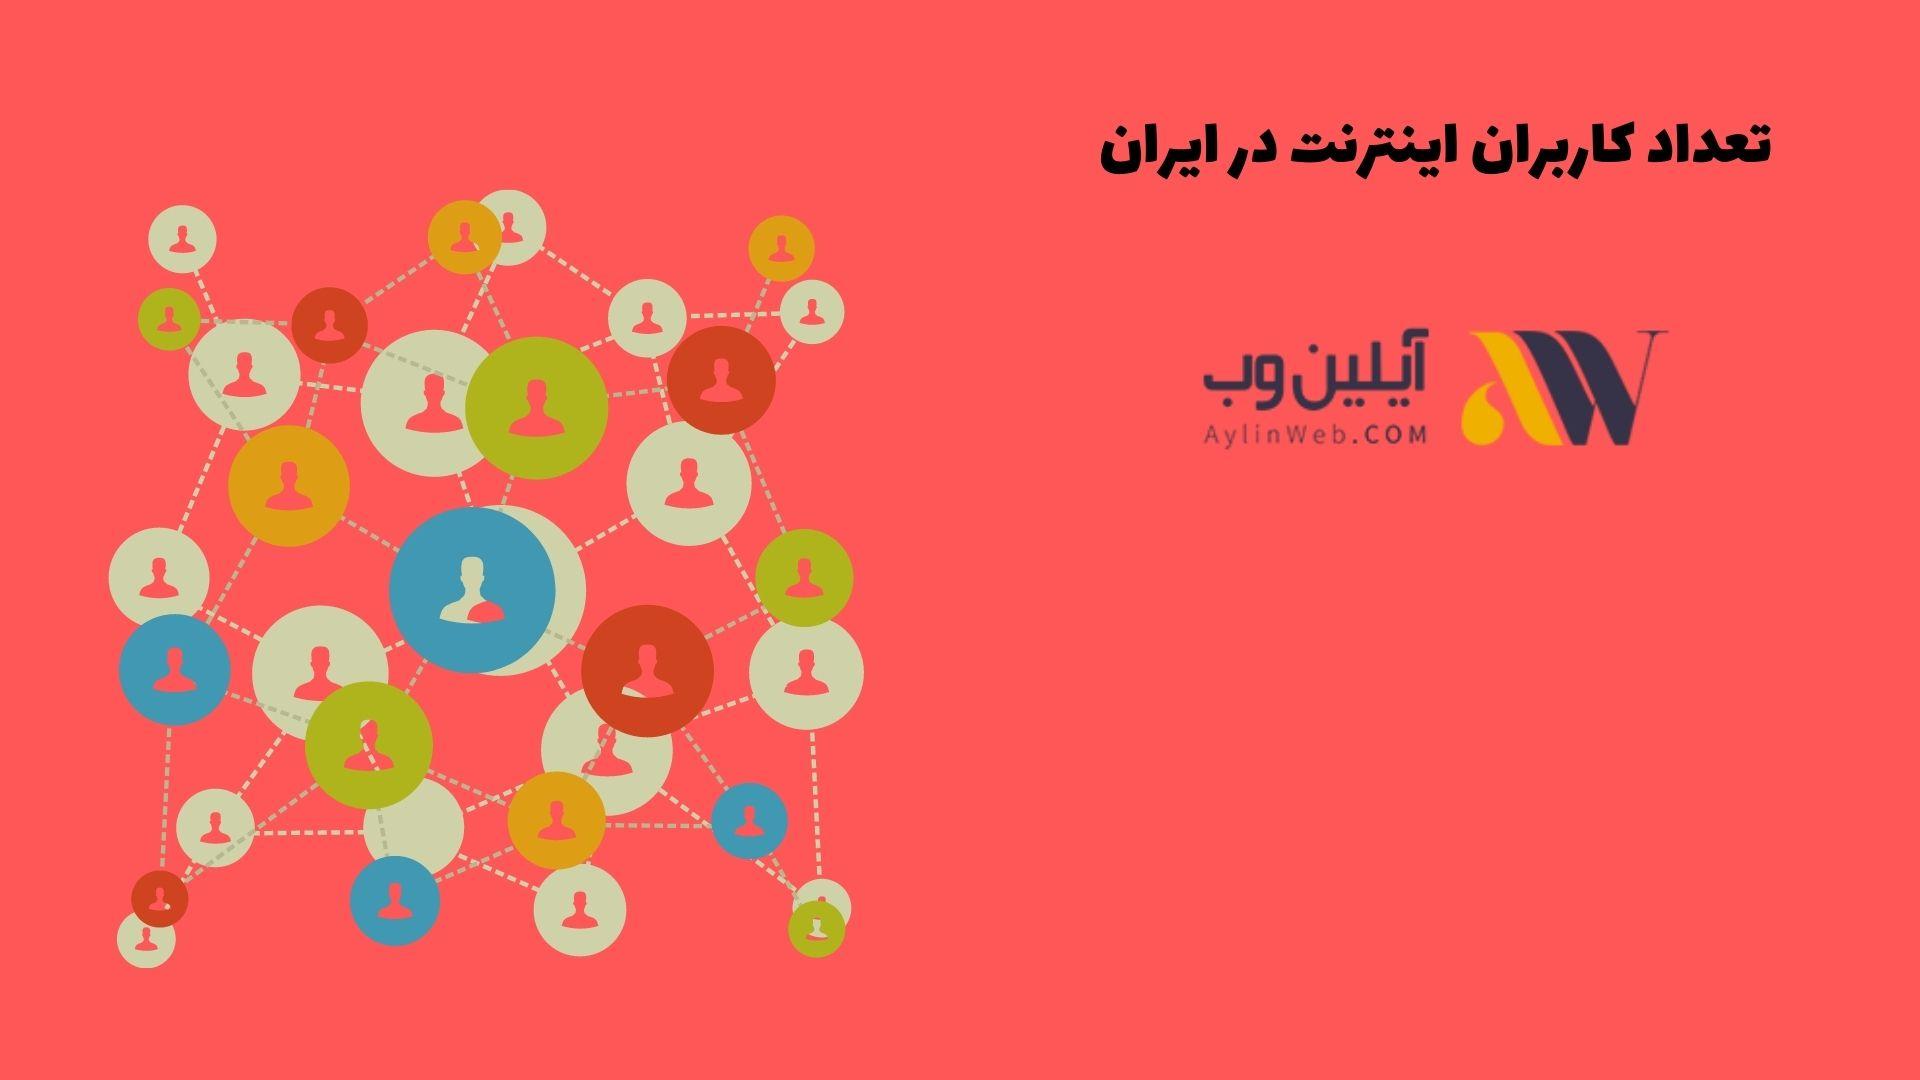 تعداد کاربران اینترنت در ایران